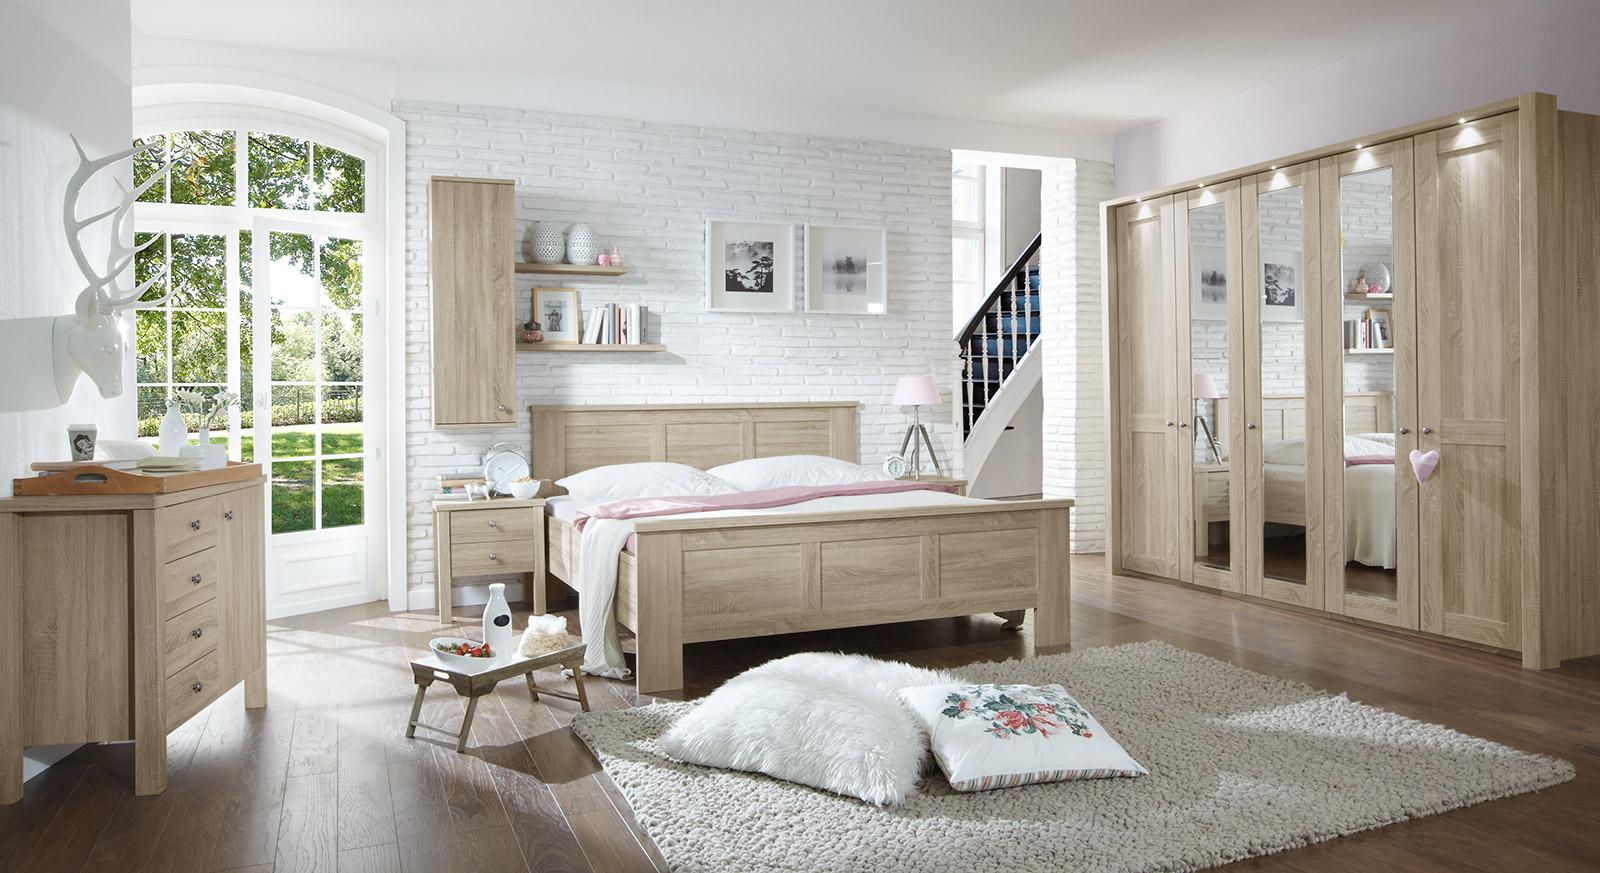 Full Size of Schlafzimmer Komplettangebote Ikea Italienische Otto Poco Komplett Einrichten Und Gestalten Bei Bettende Romantische Vorhänge Sessel Günstig Rauch Regal Schlafzimmer Schlafzimmer Komplettangebote